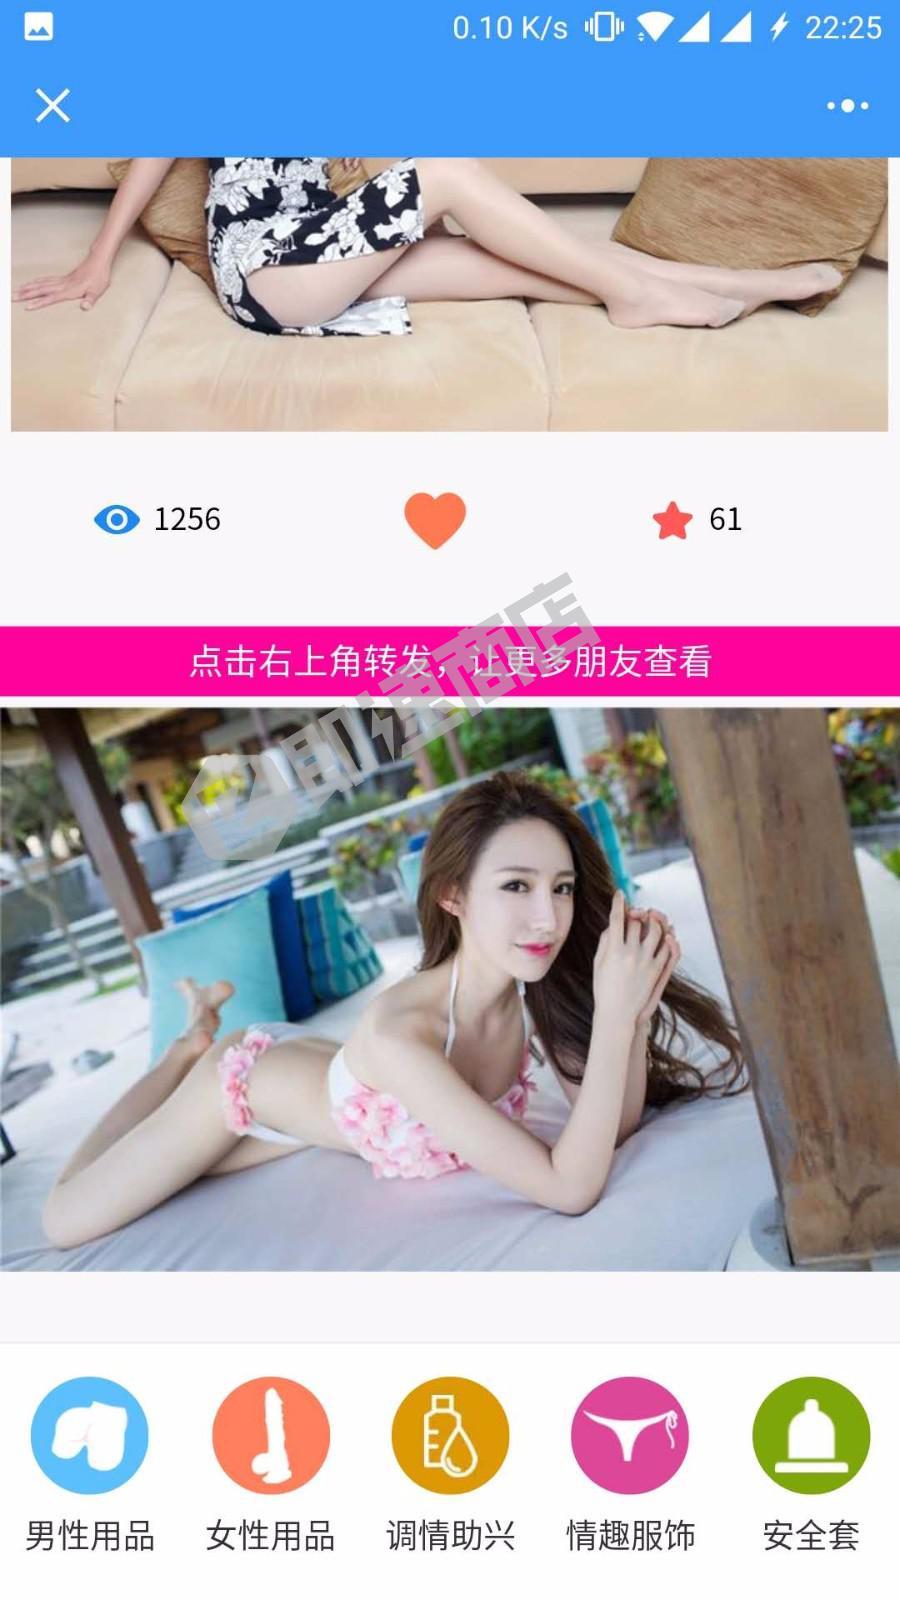 网红美女志小程序详情页截图1